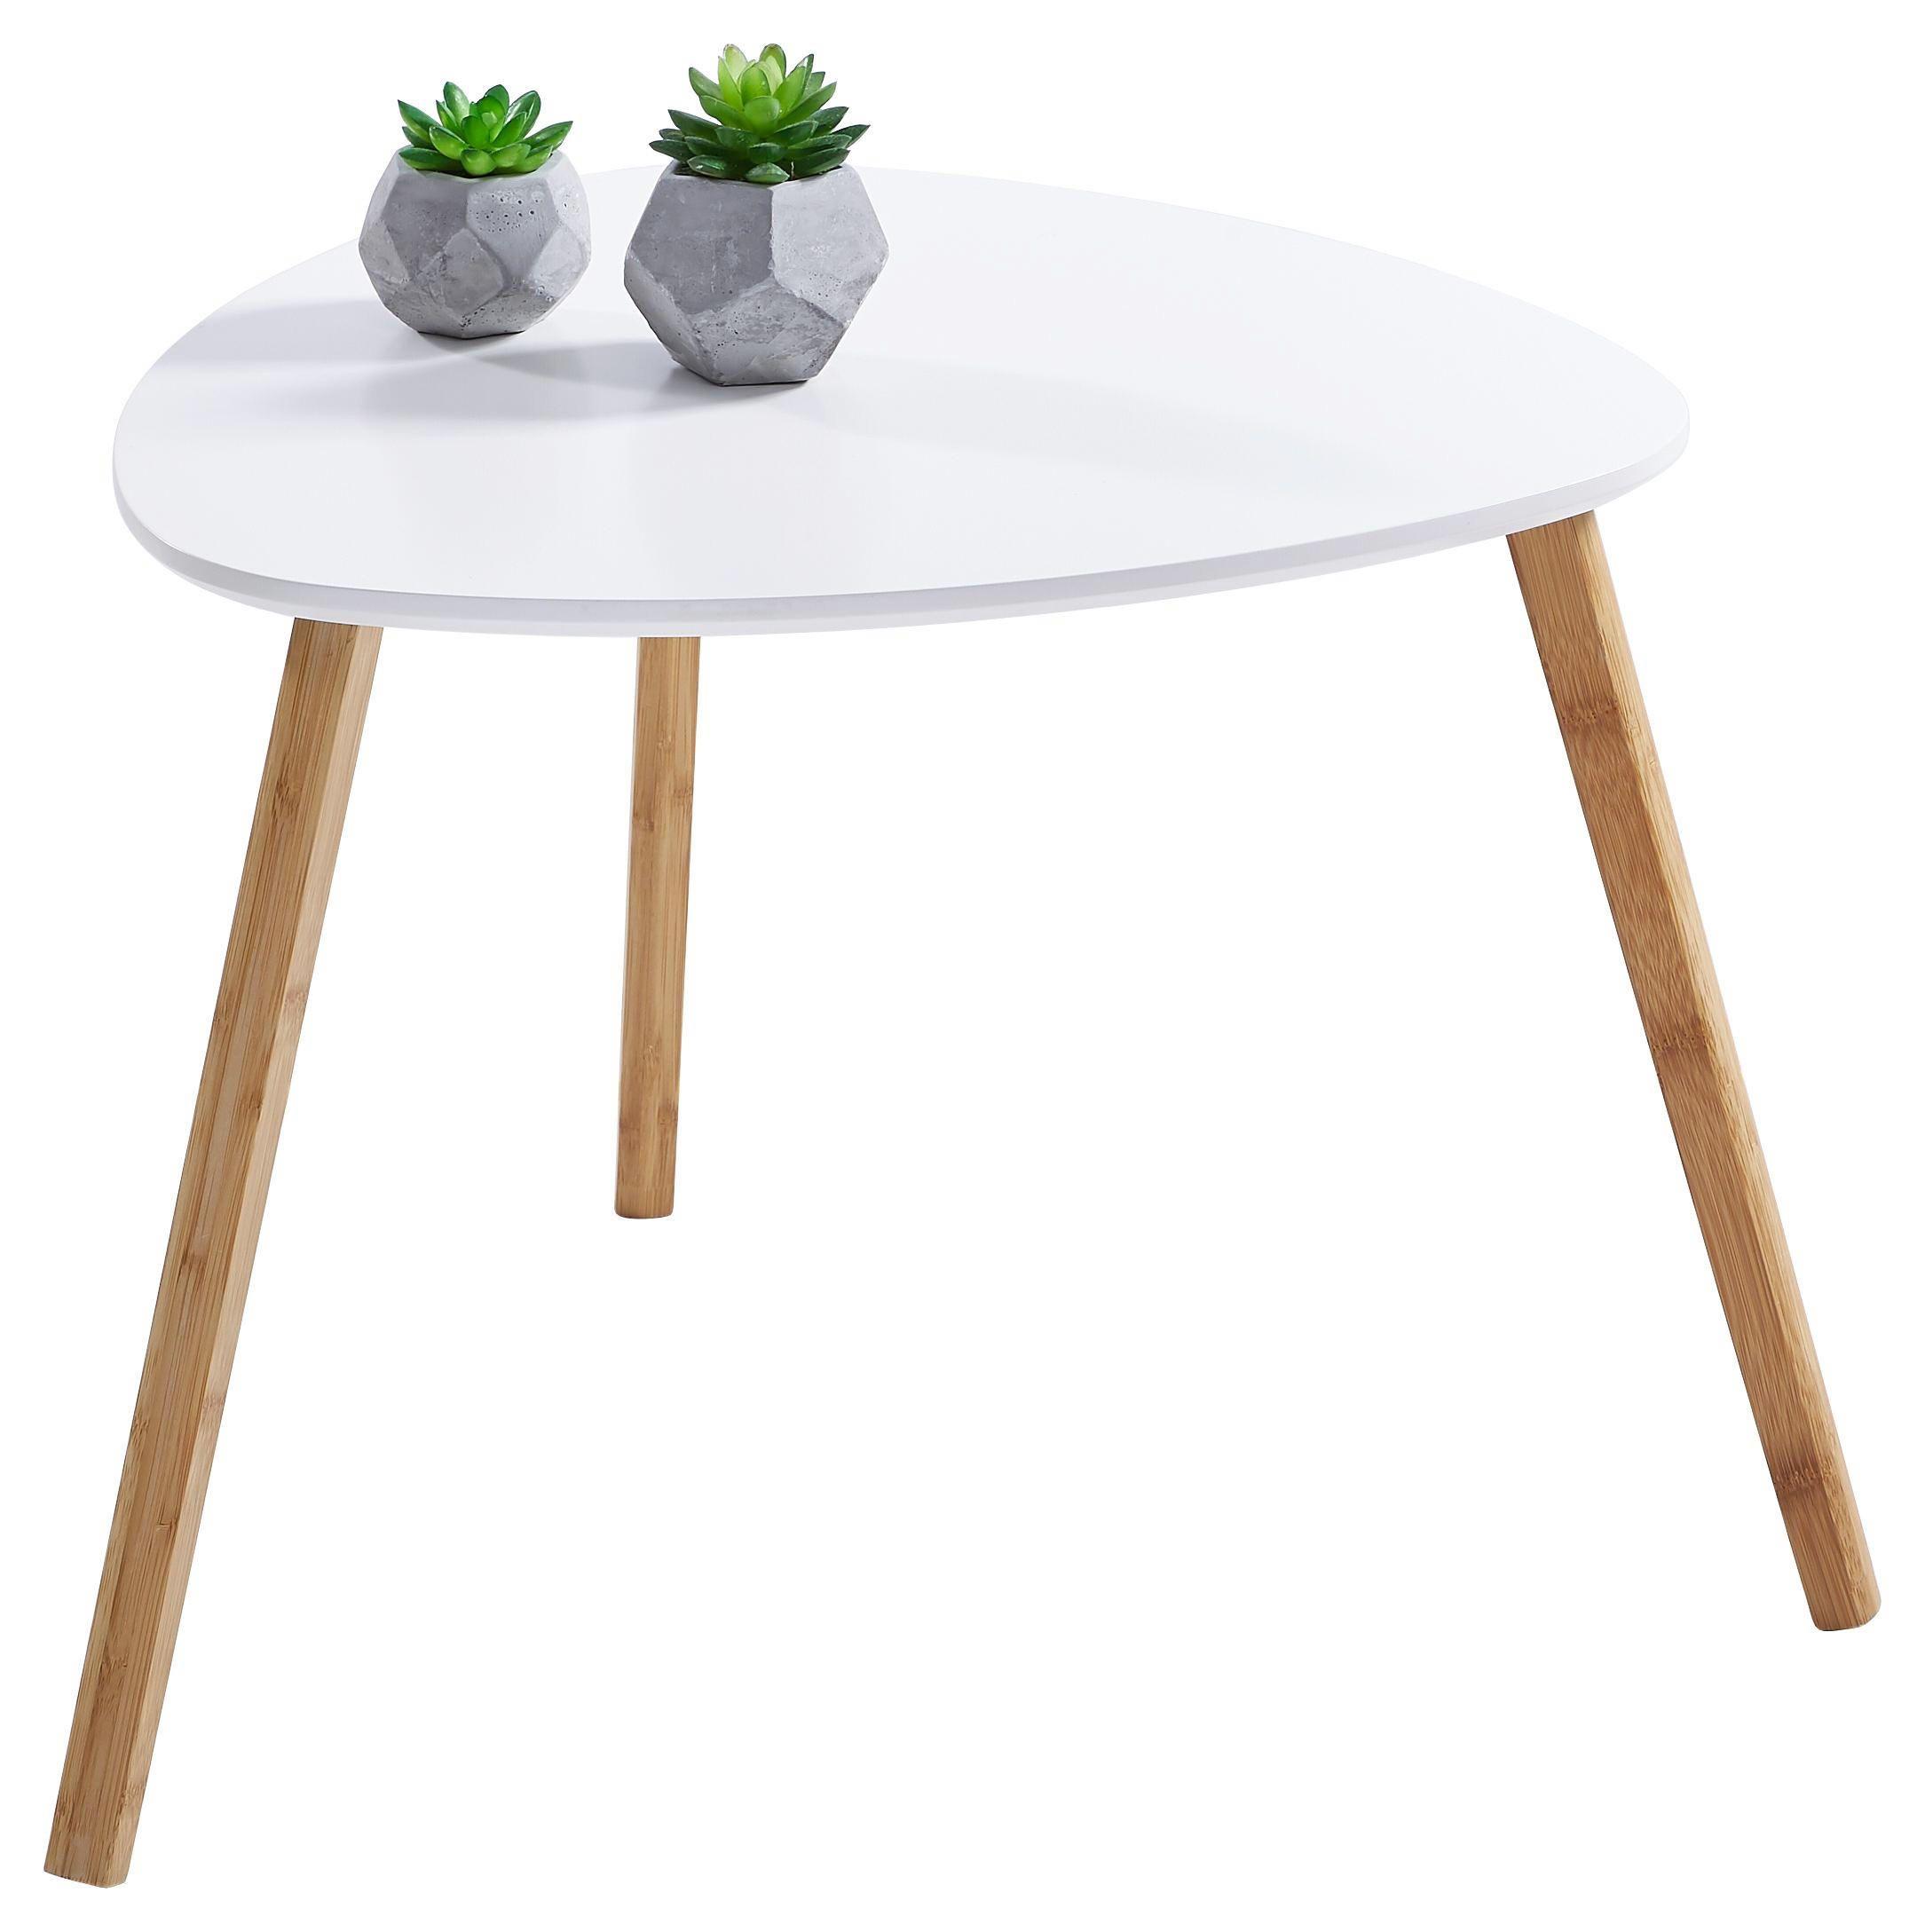 Dem Skandinavischen Stil Verpflichtet Setzt Dieser Beistelltisch Aus Bambus Teilmassiv Mit Weiss Lackierter Platte Auf Beistelltische Beistelltisch Naturfarben